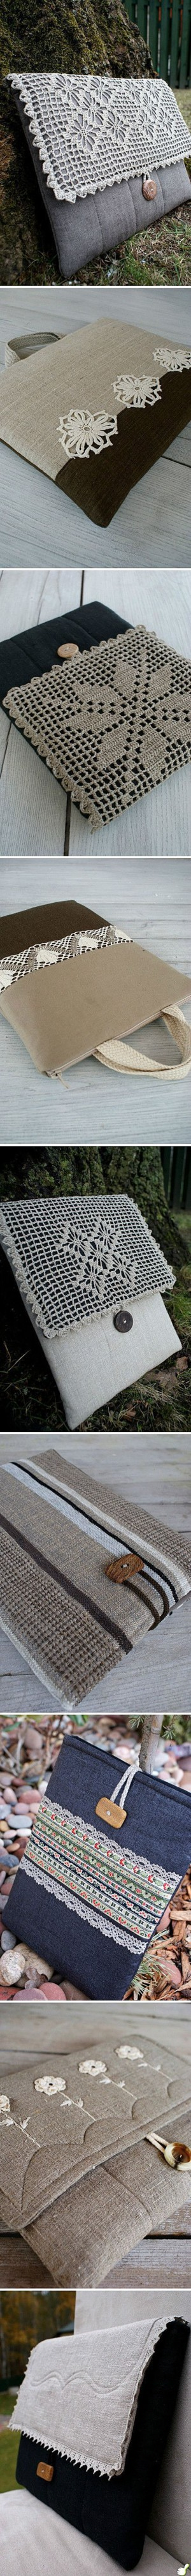 Кружева и вышевка на текстильных сумках